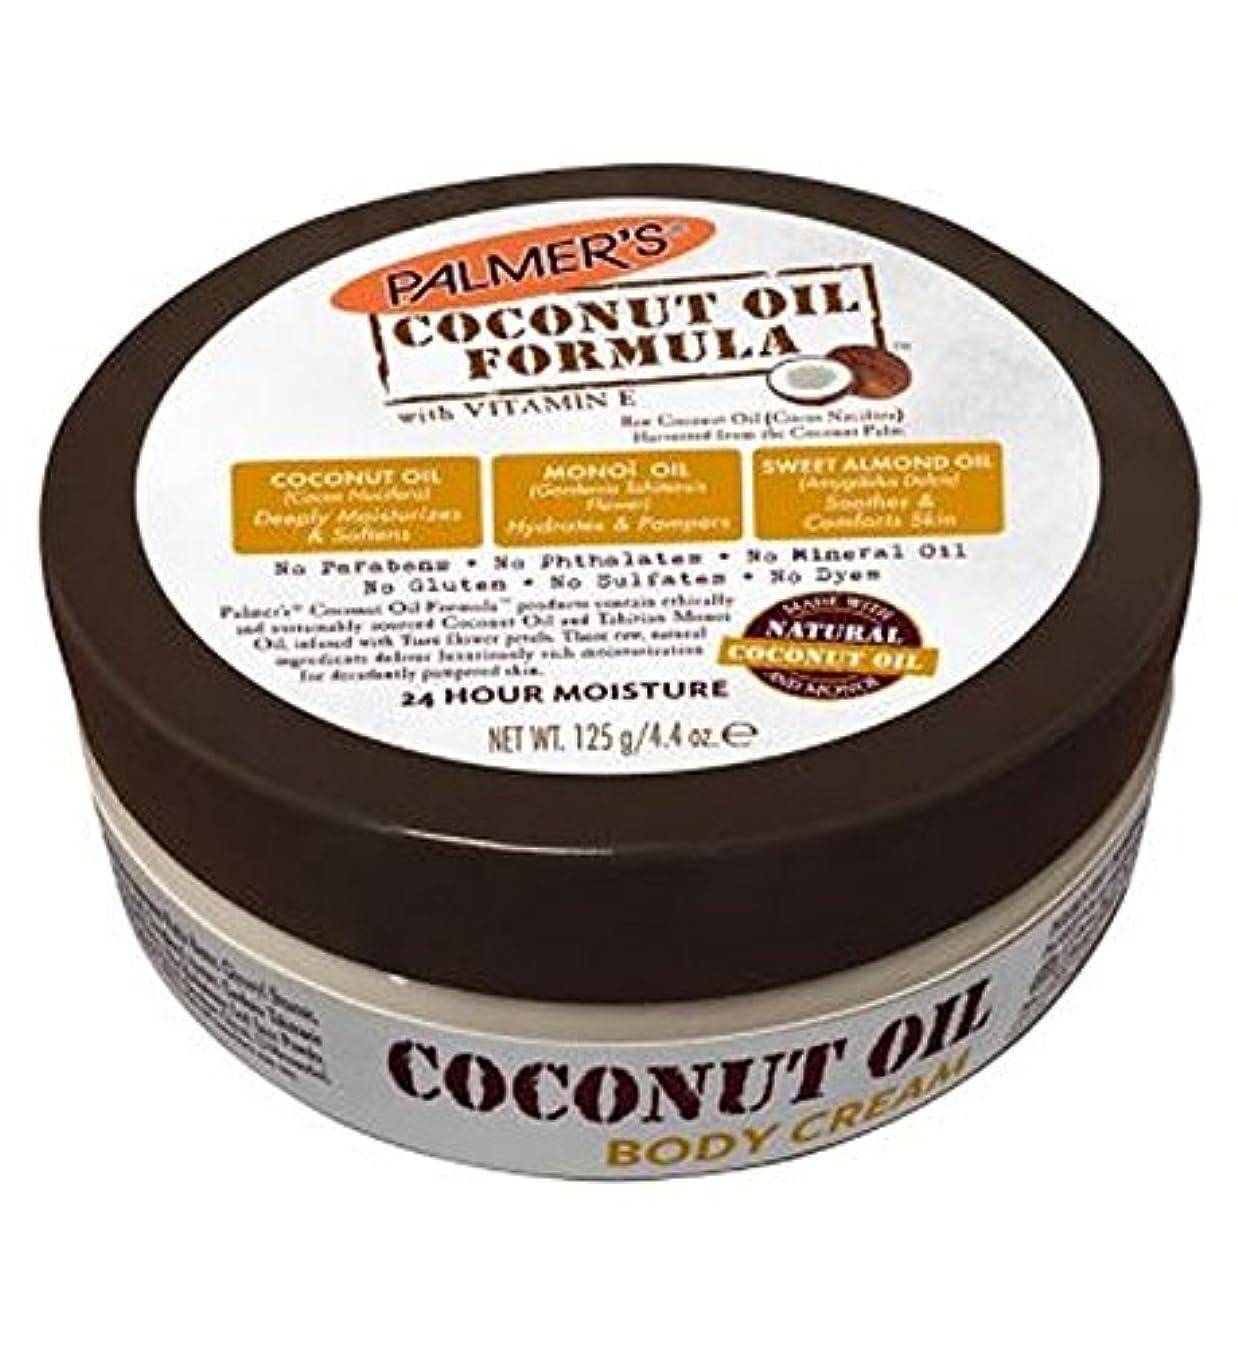 論争的保存する物理的なパーマーのヤシ油式ボディクリーム125グラム (Palmer's) (x2) - Palmer's Coconut Oil Formula Body Cream 125g (Pack of 2) [並行輸入品]